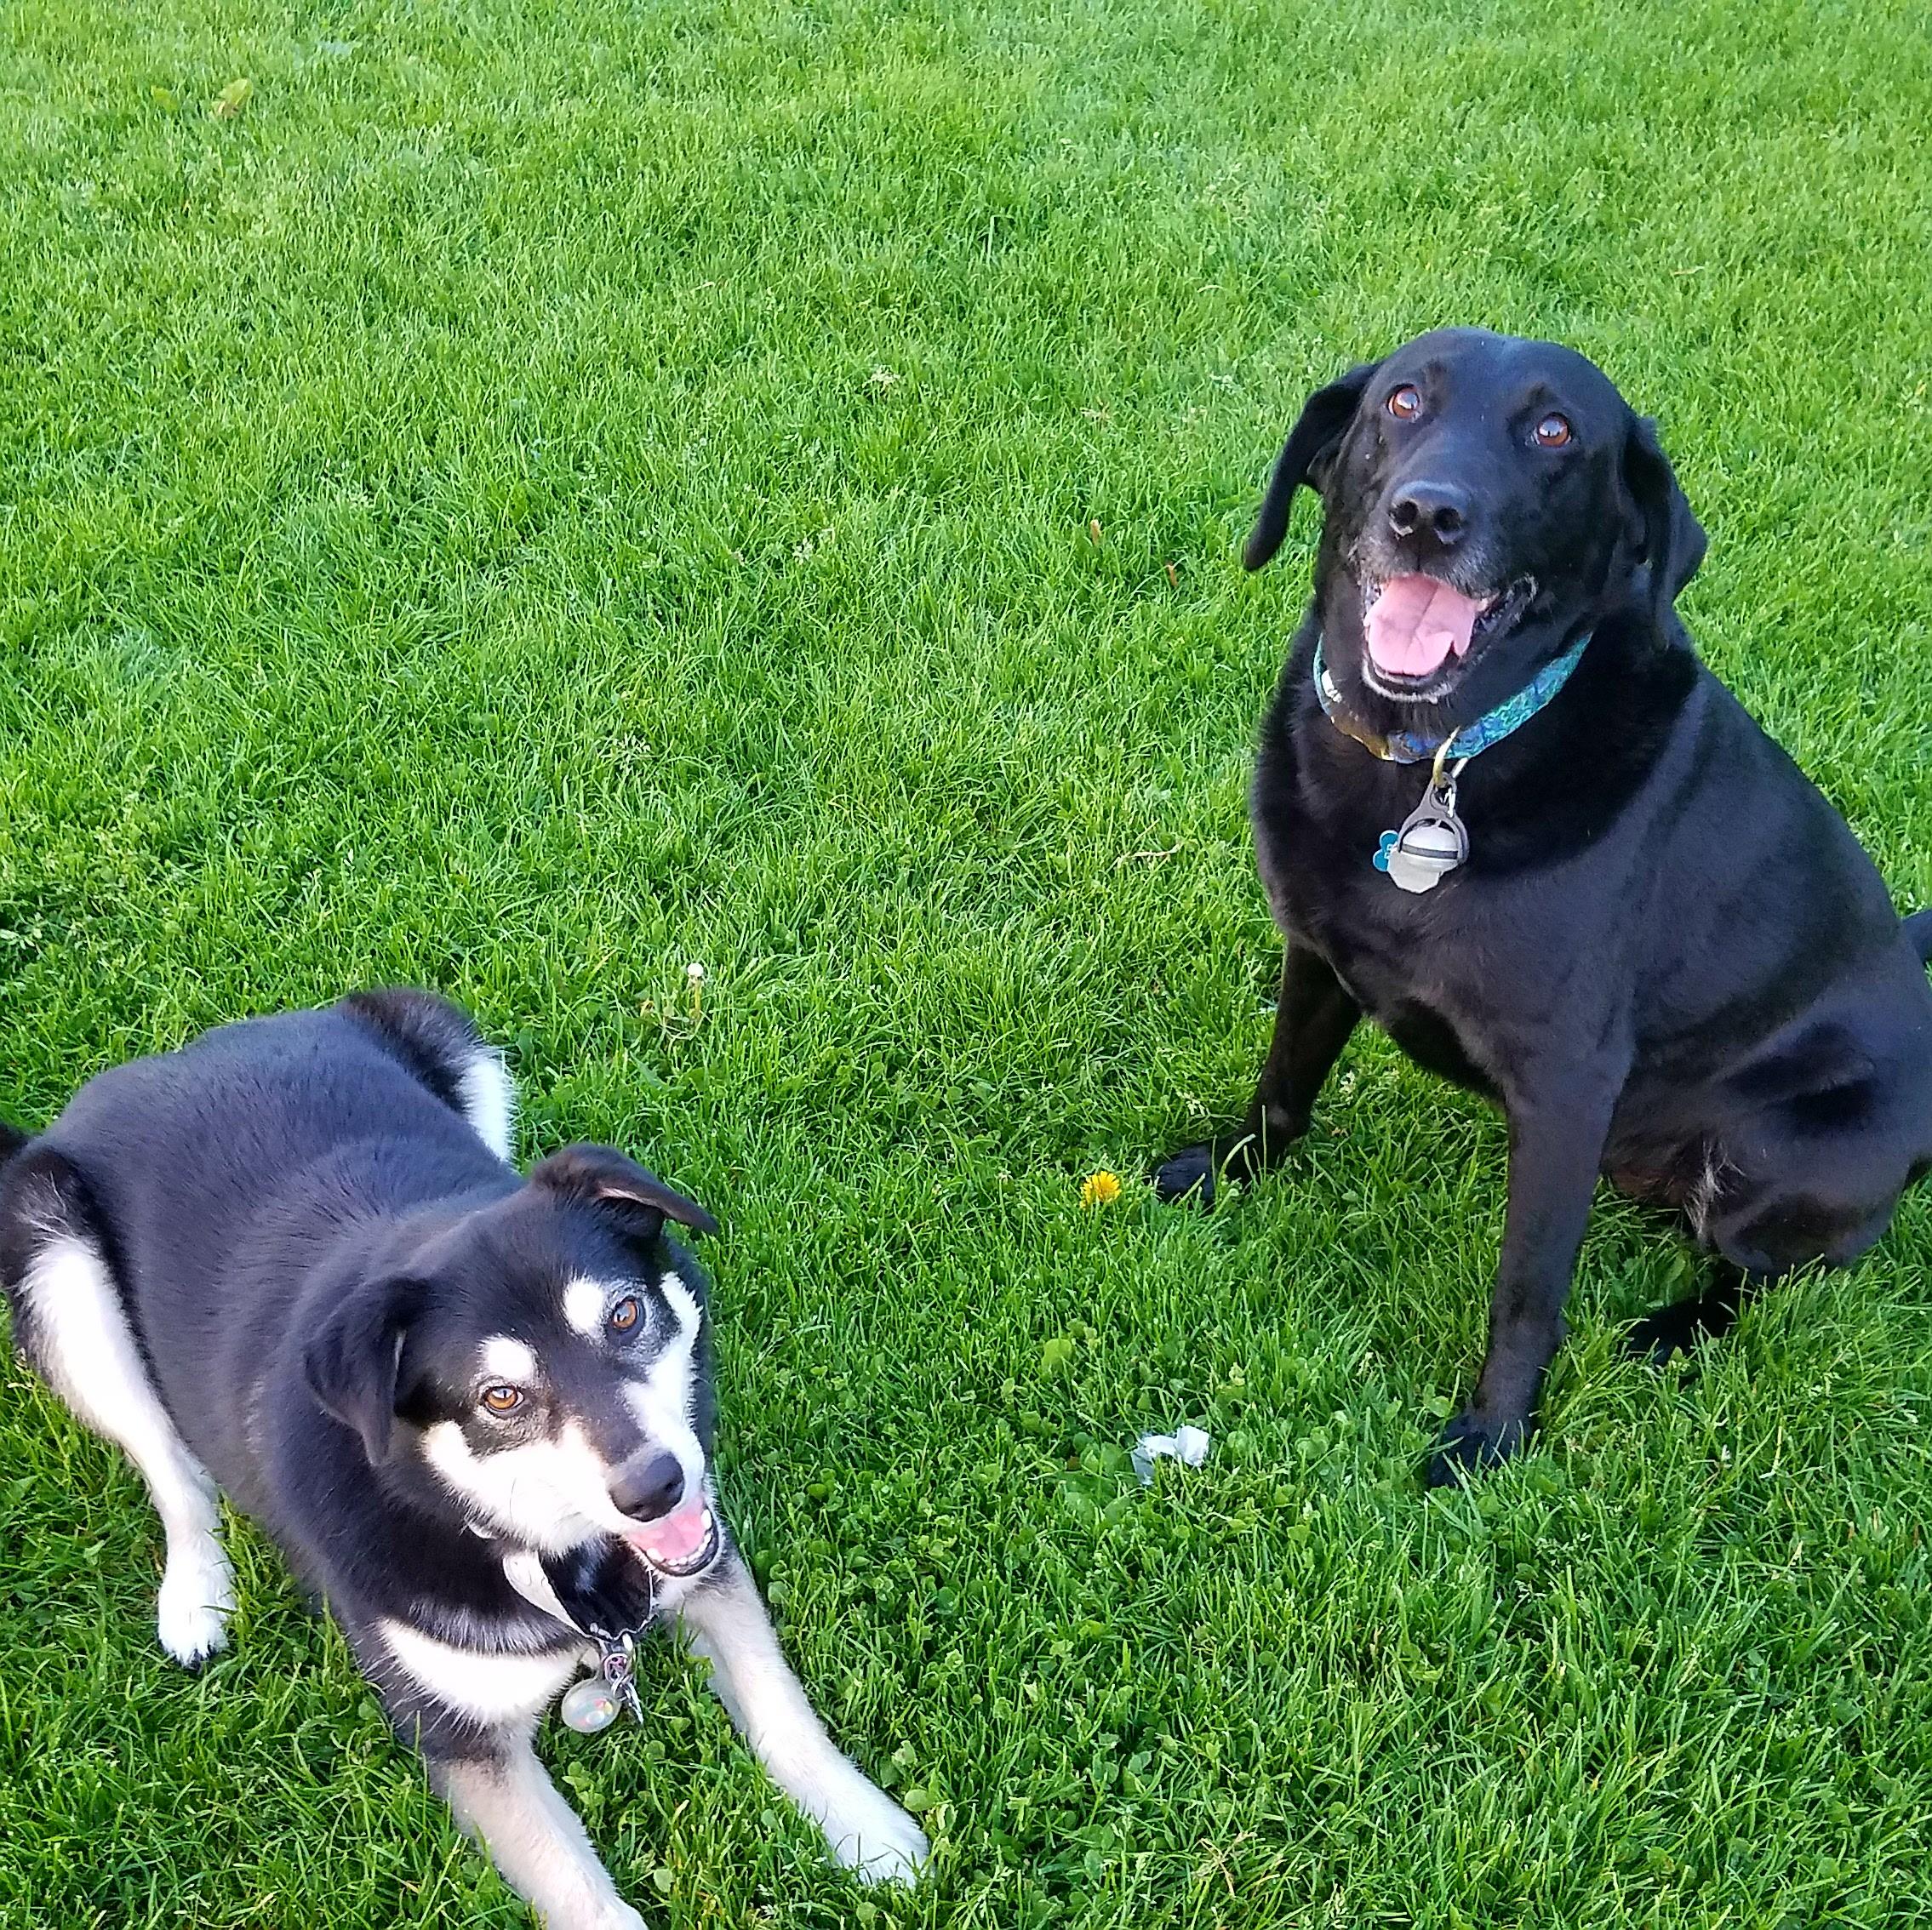 Mavis and Darby